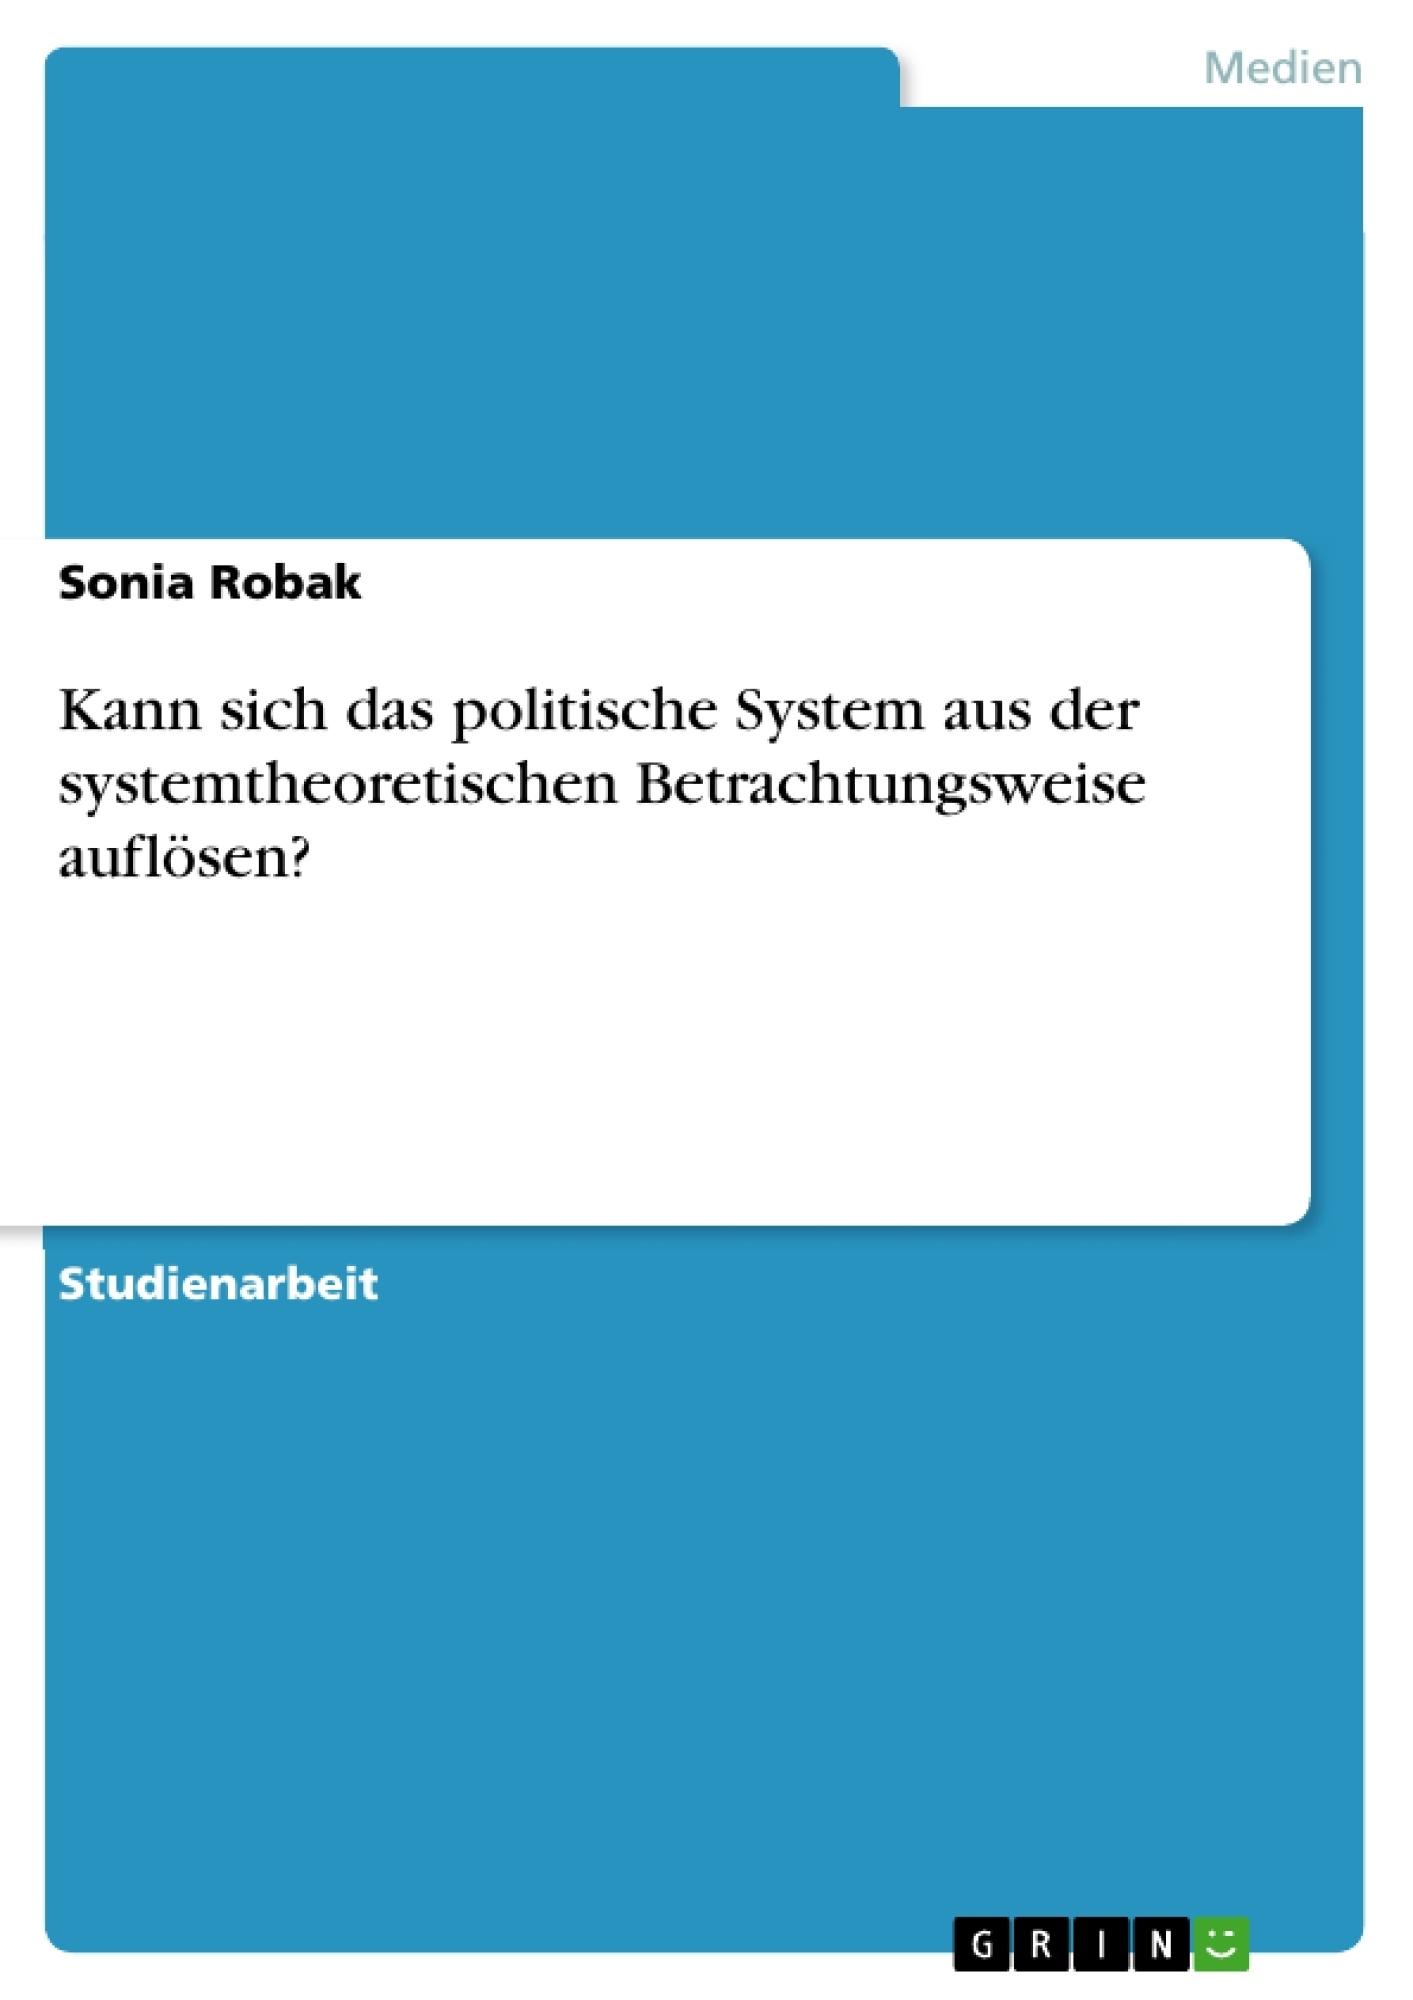 Titel: Kann sich das politische System aus der systemtheoretischen Betrachtungsweise auflösen?